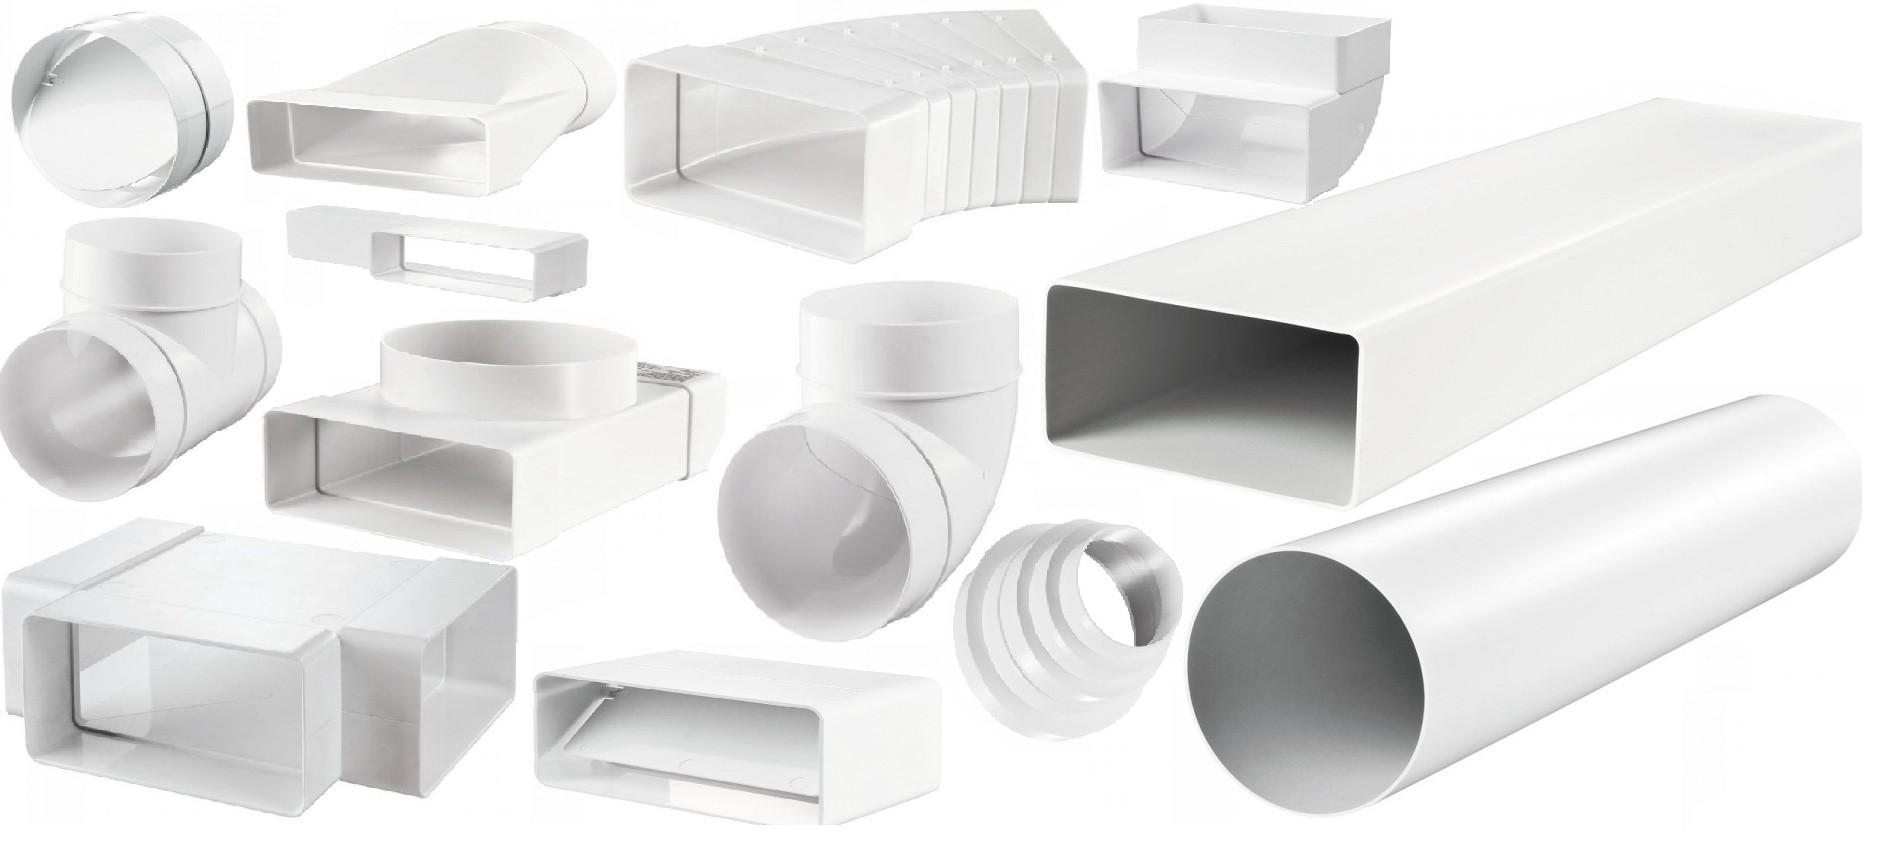 Воздуховоды для вентиляции